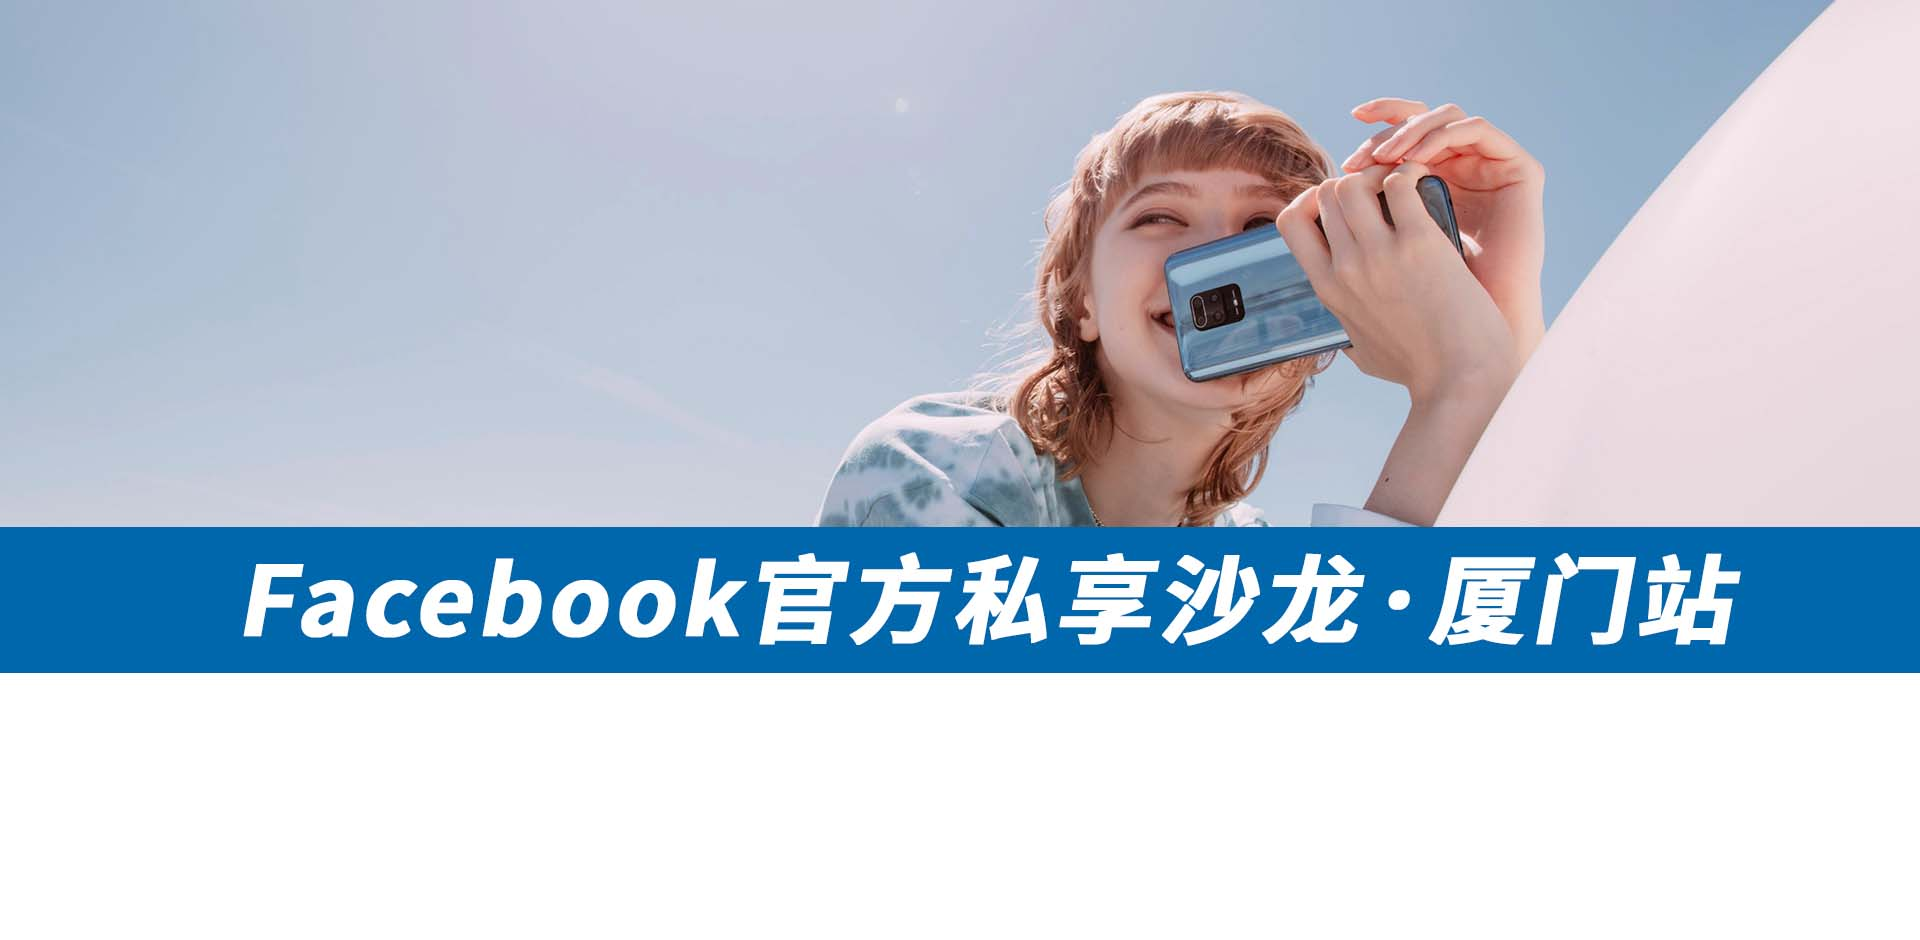 报名:2021Facebook官方私享沙龙(厦门站)